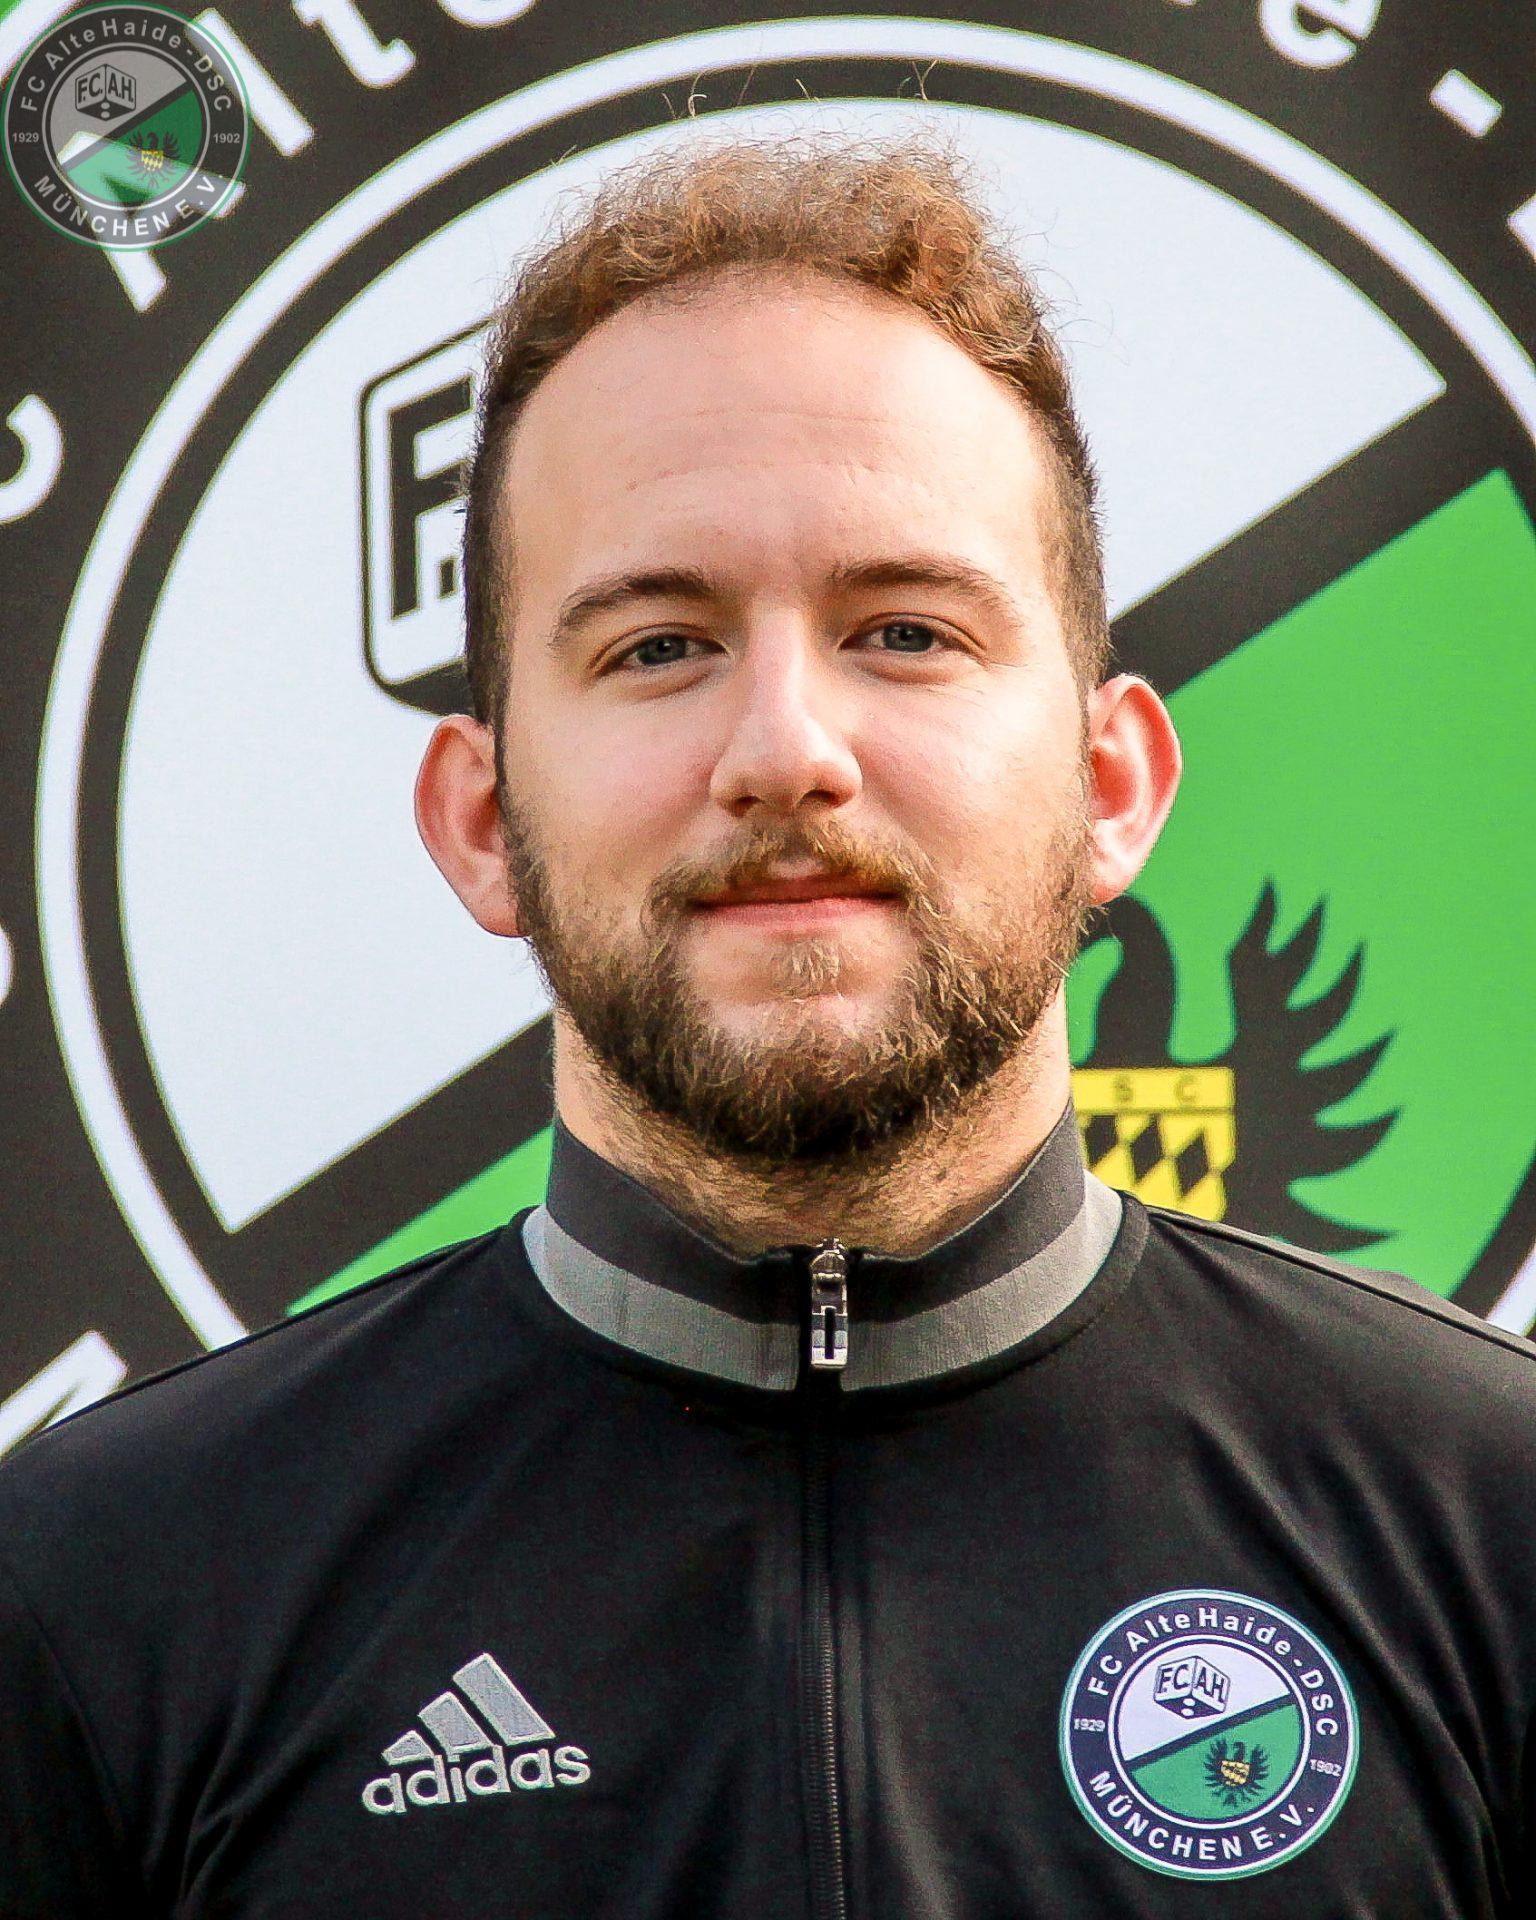 Emir Beglerovic